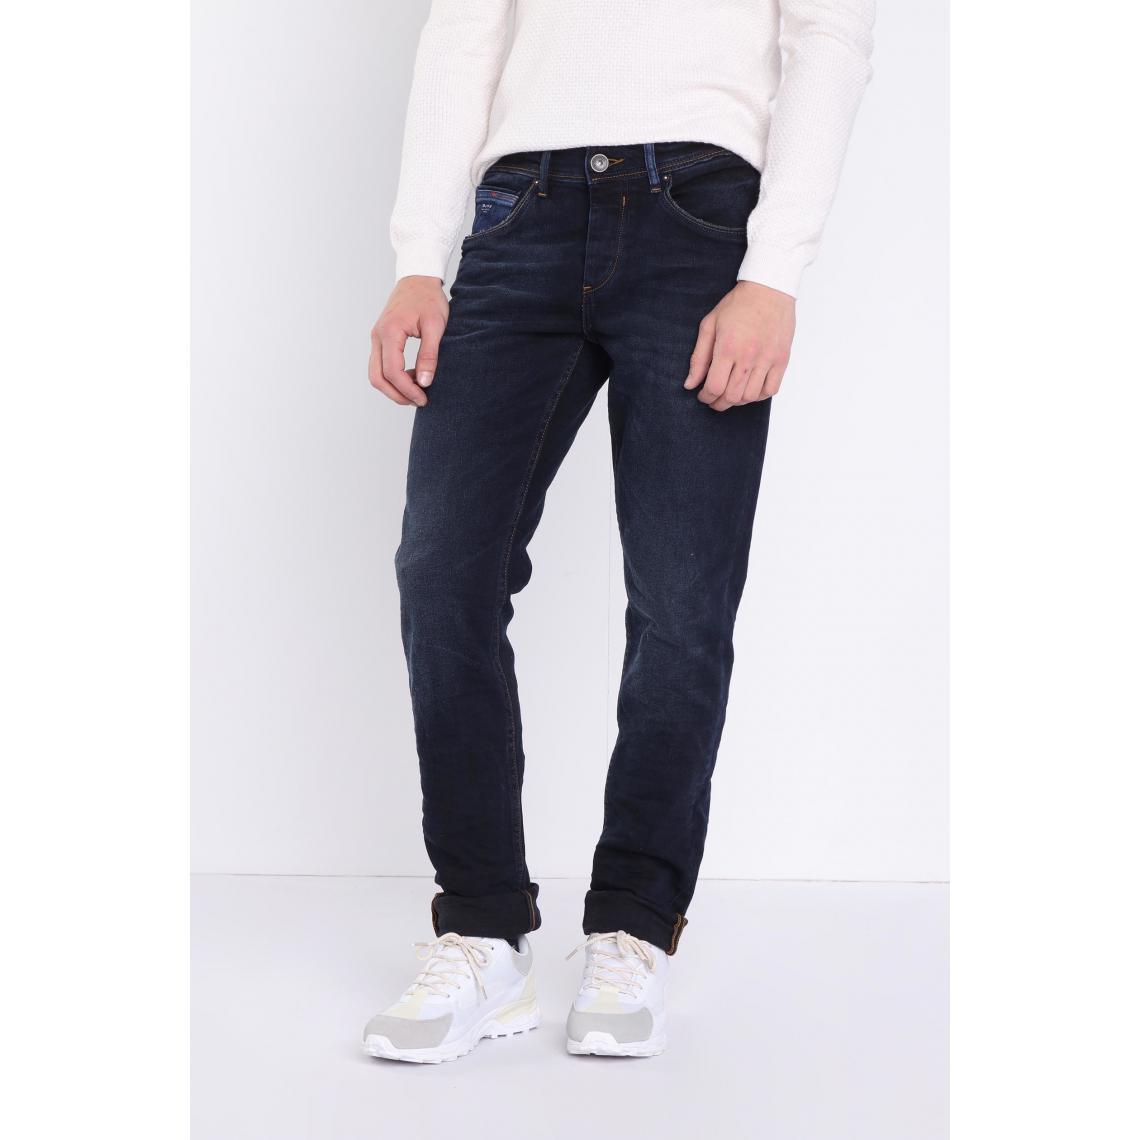 Jeans bootcut 5 poches used Plus de détails